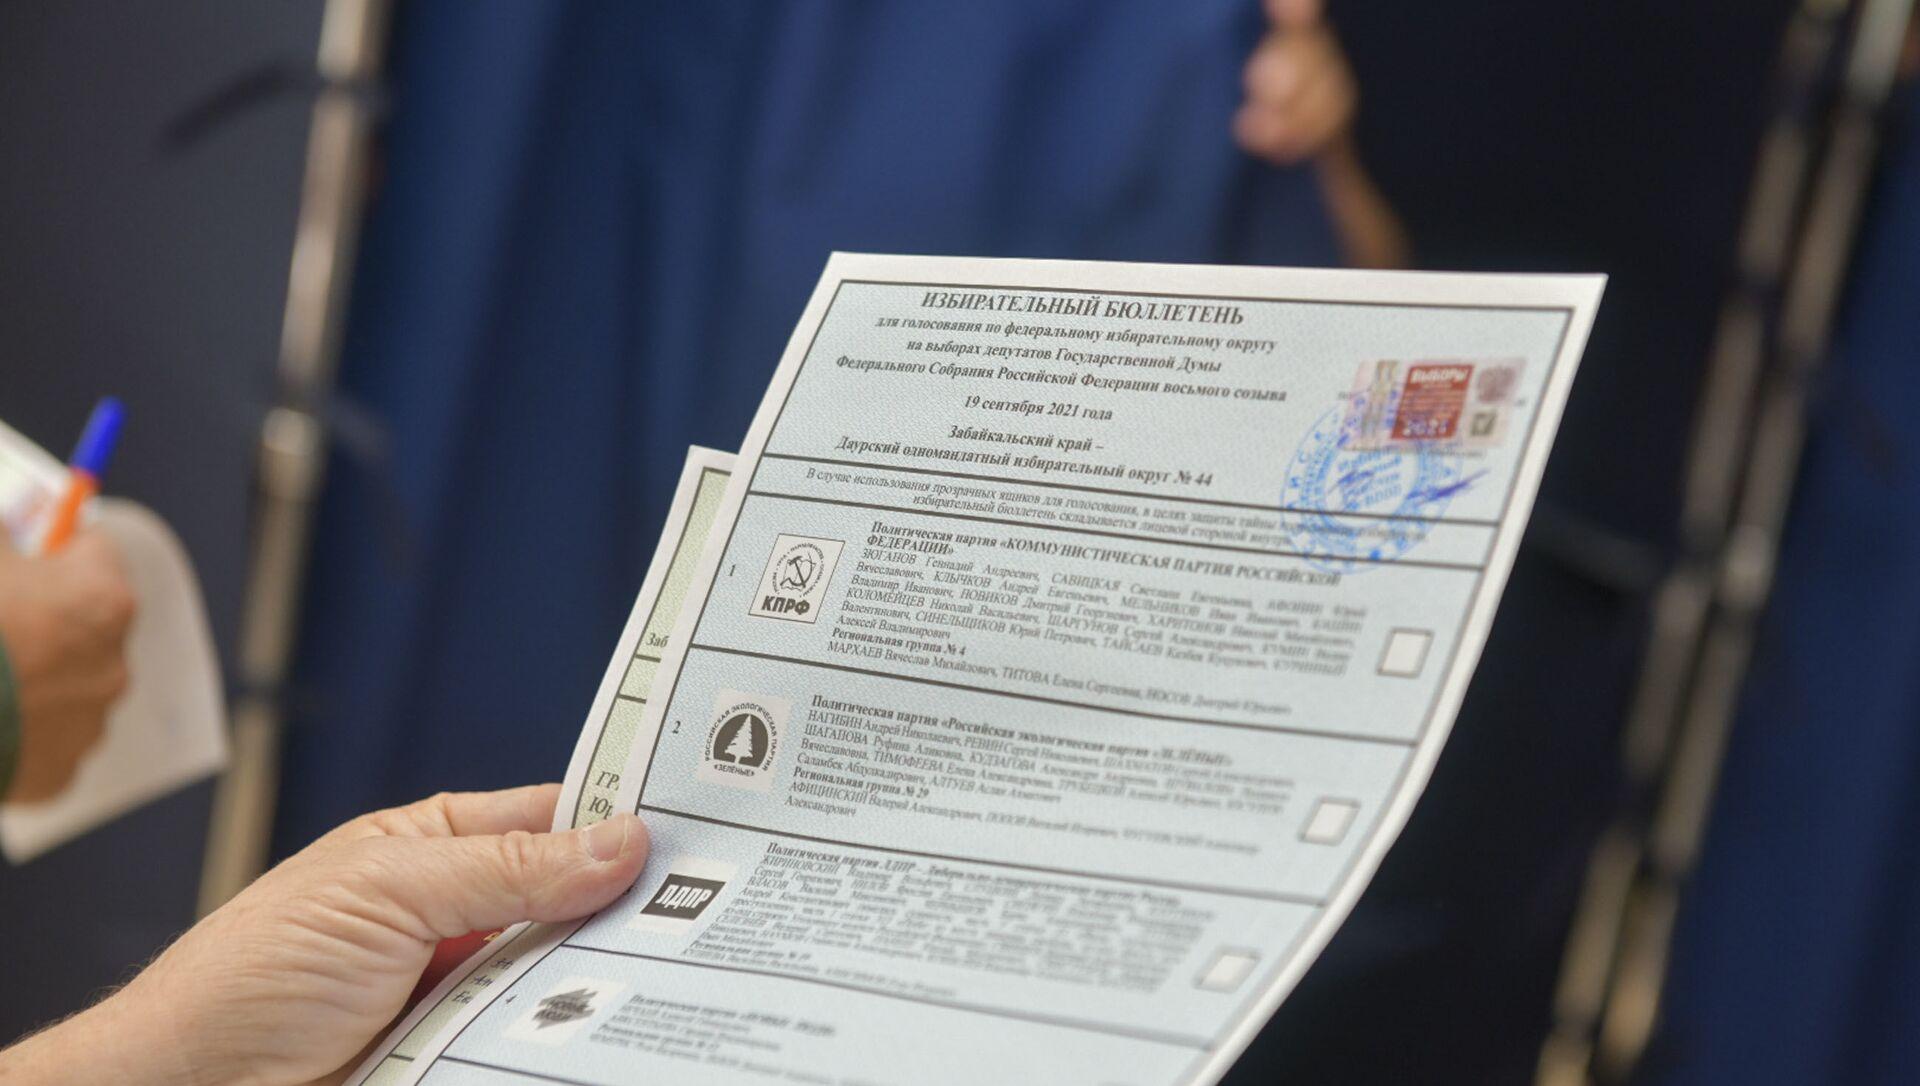 В Абхазии началось голосование на выборах в Госдуму России - Sputnik Аҧсны, 1920, 20.09.2021